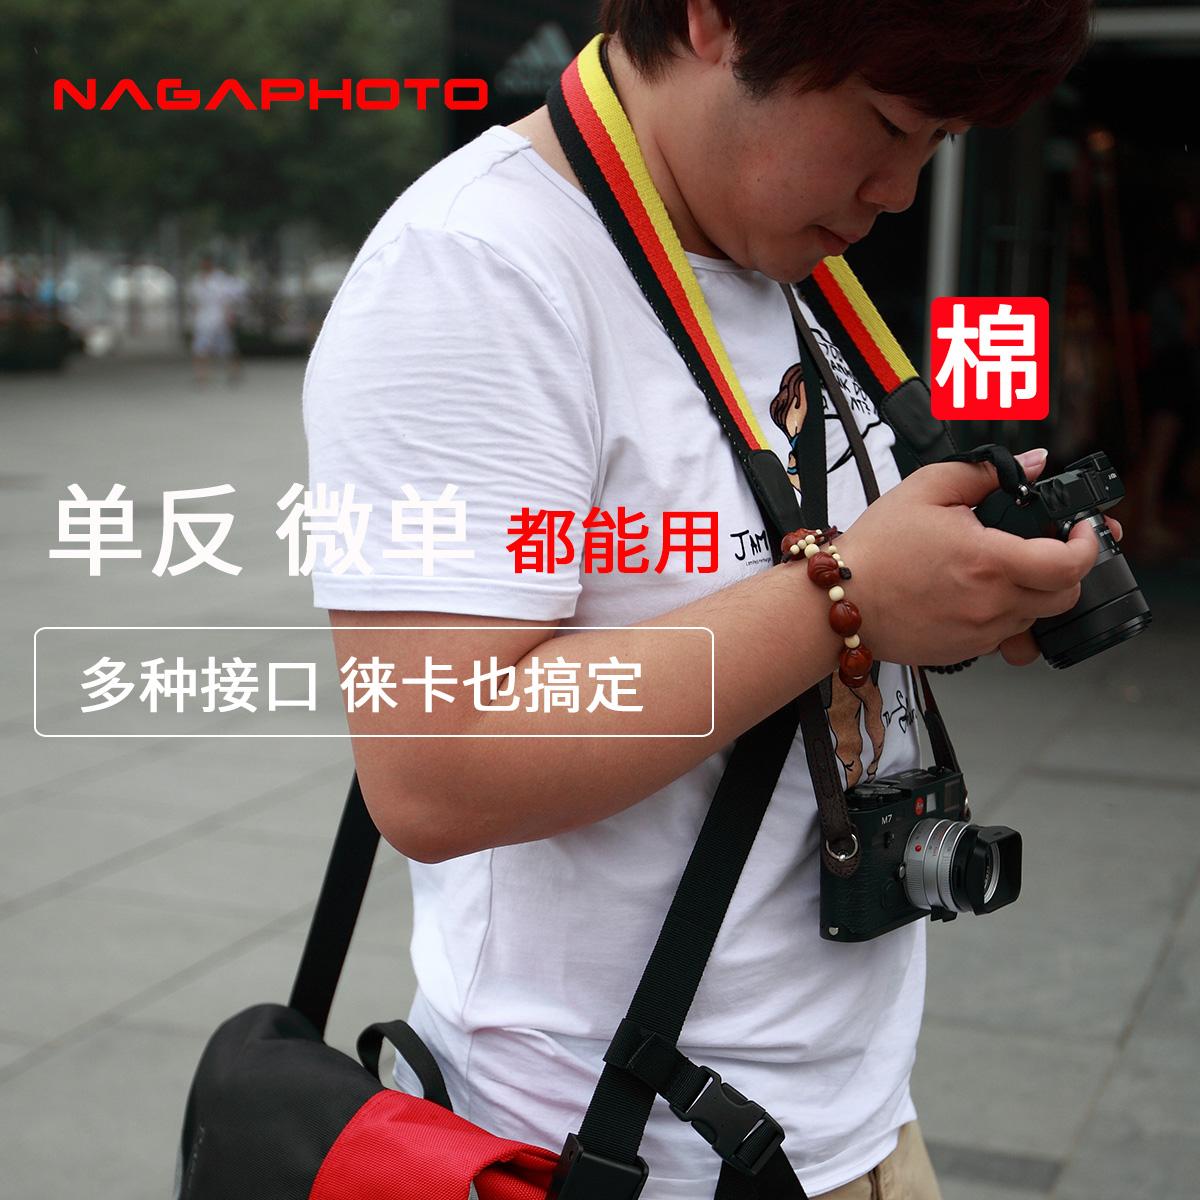 纳伽相机带适合单反微单佳能索尼 纯棉透气舒适 皮质接口安全牢固